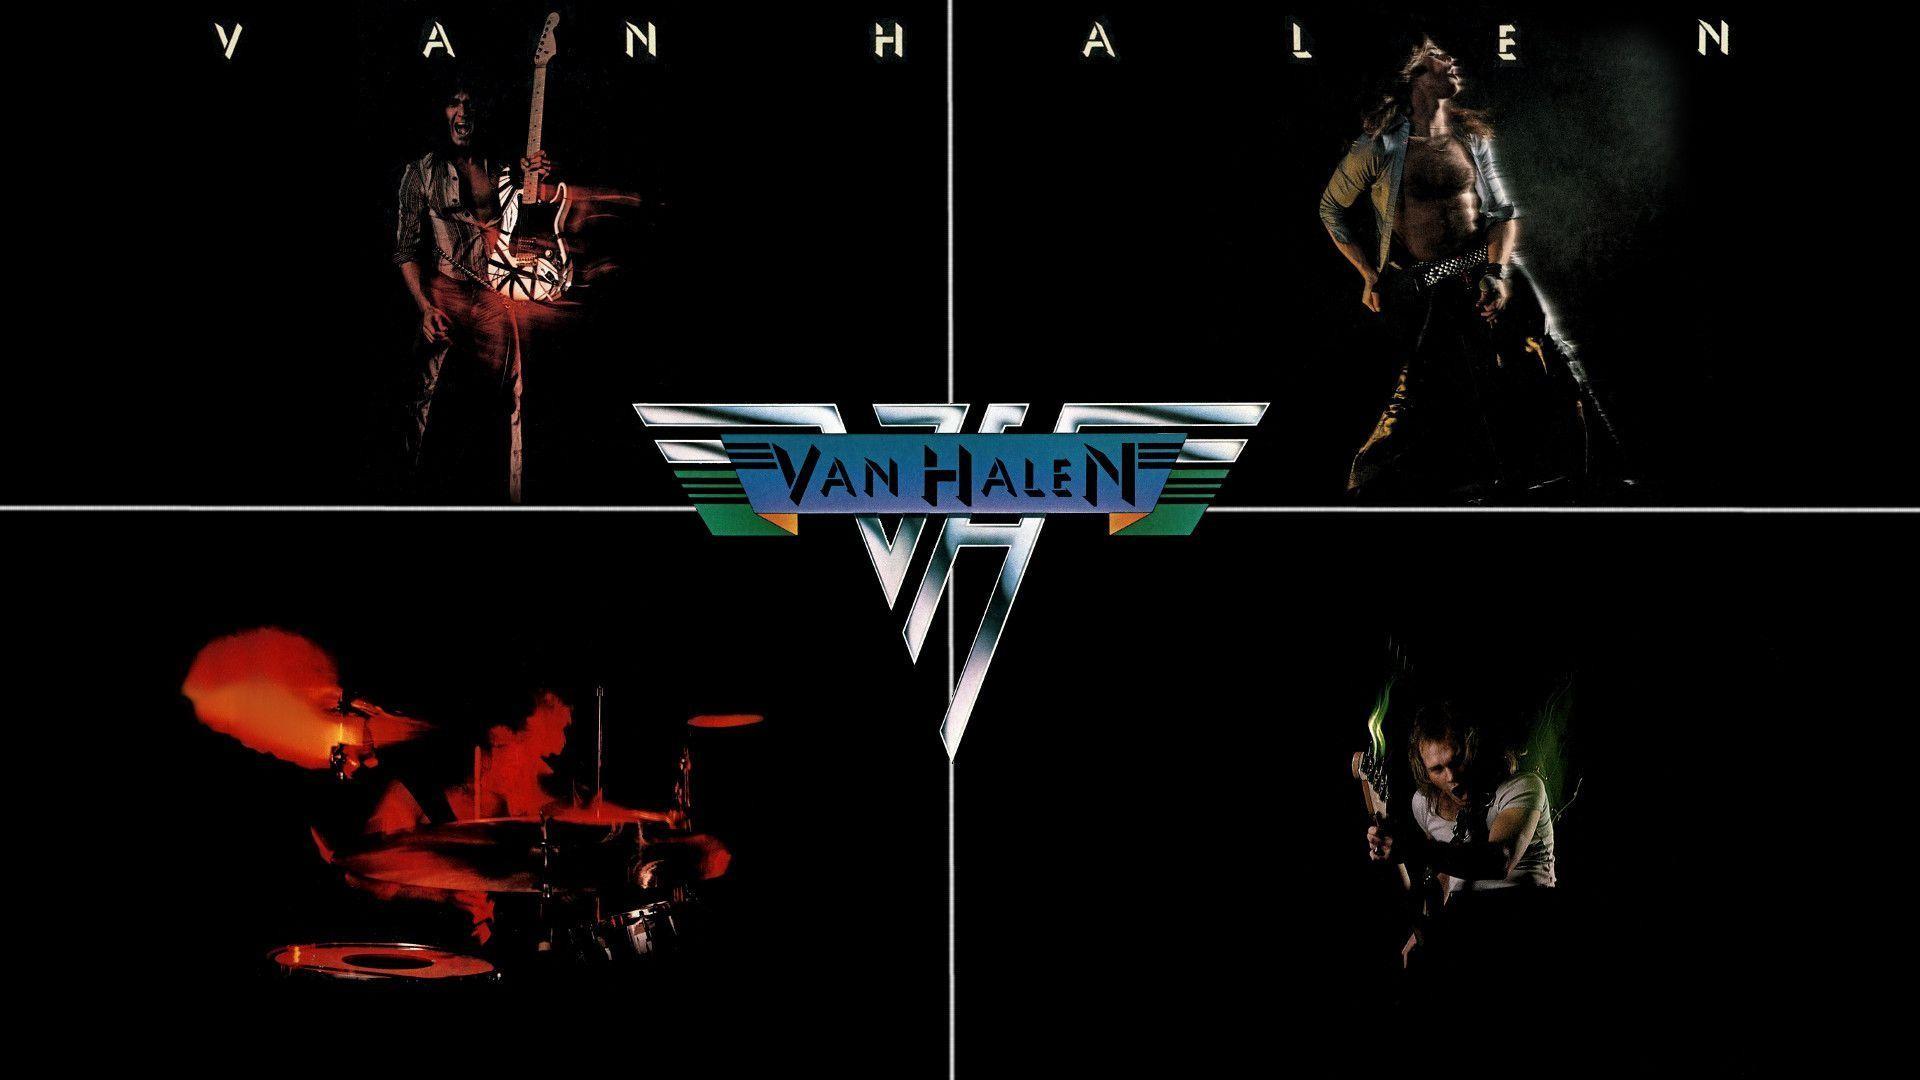 Eddie Van Halen Iphone Wallpaper 51 Images